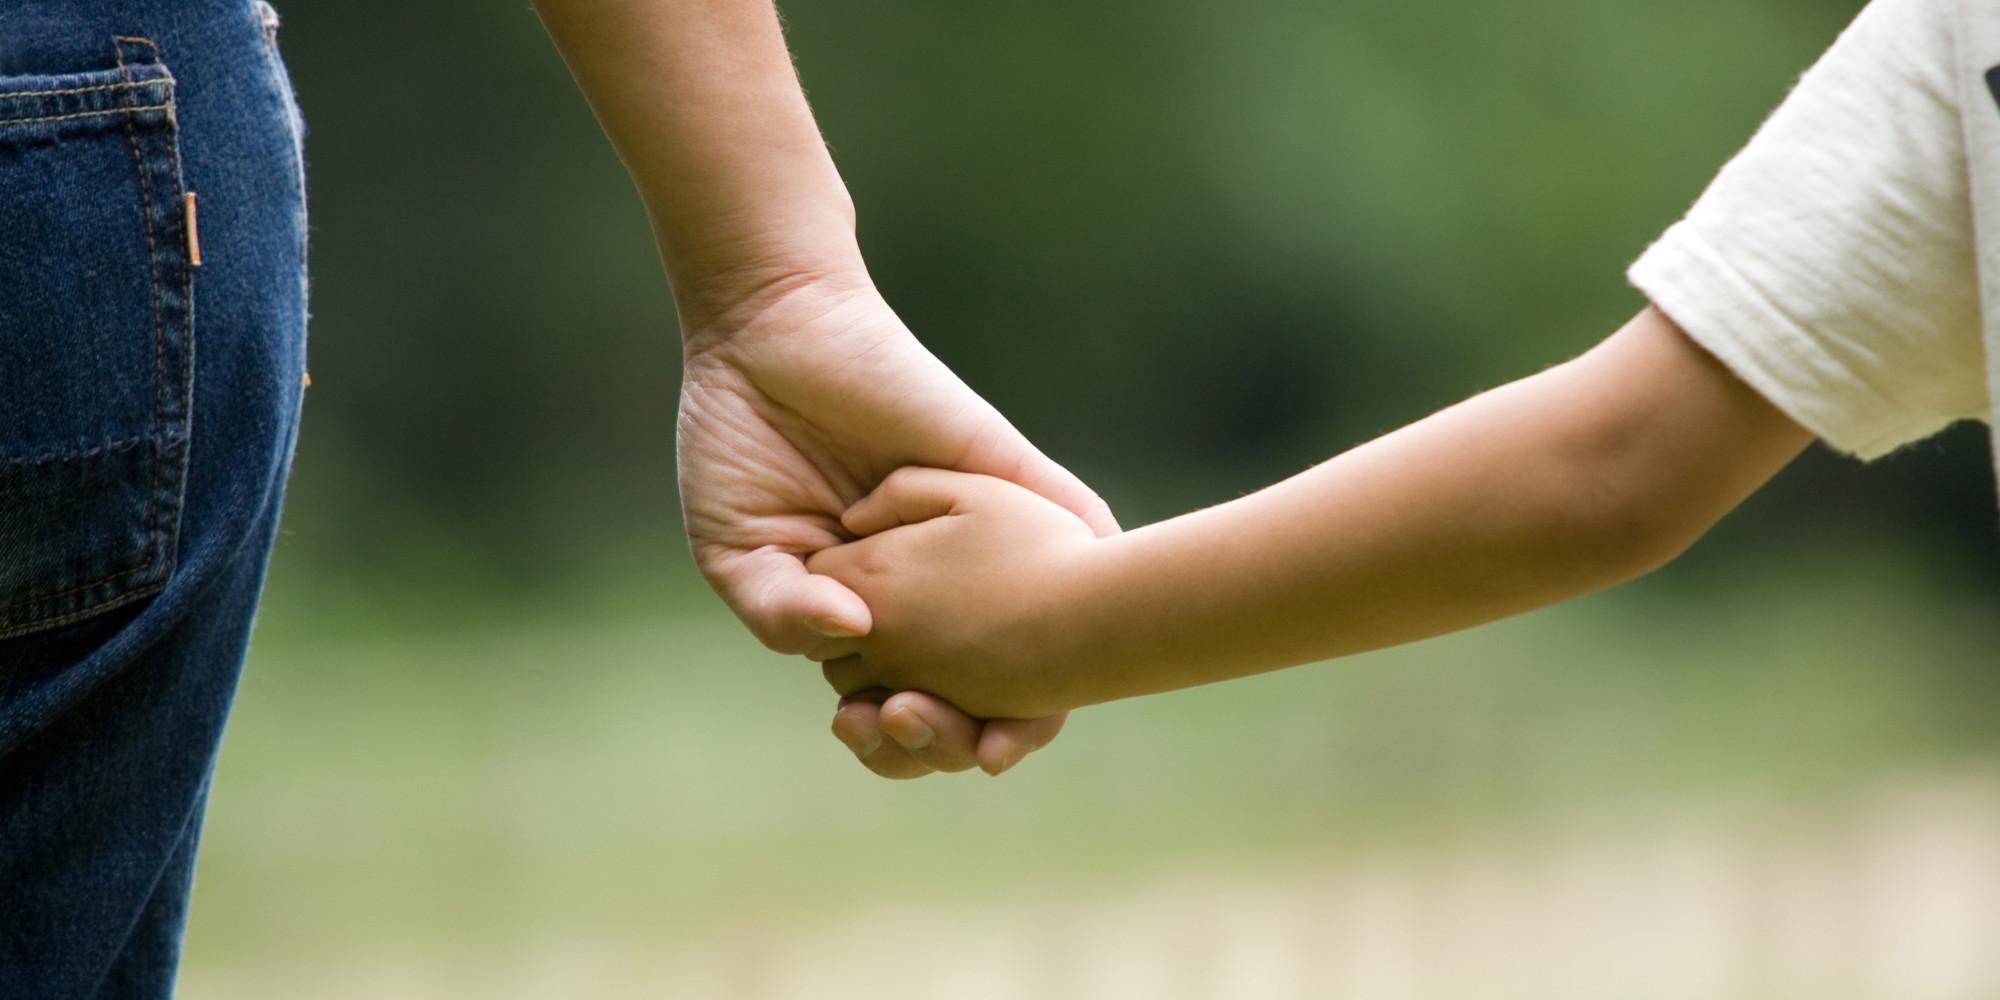 Partnervermittlung hand in hand monchengladbach